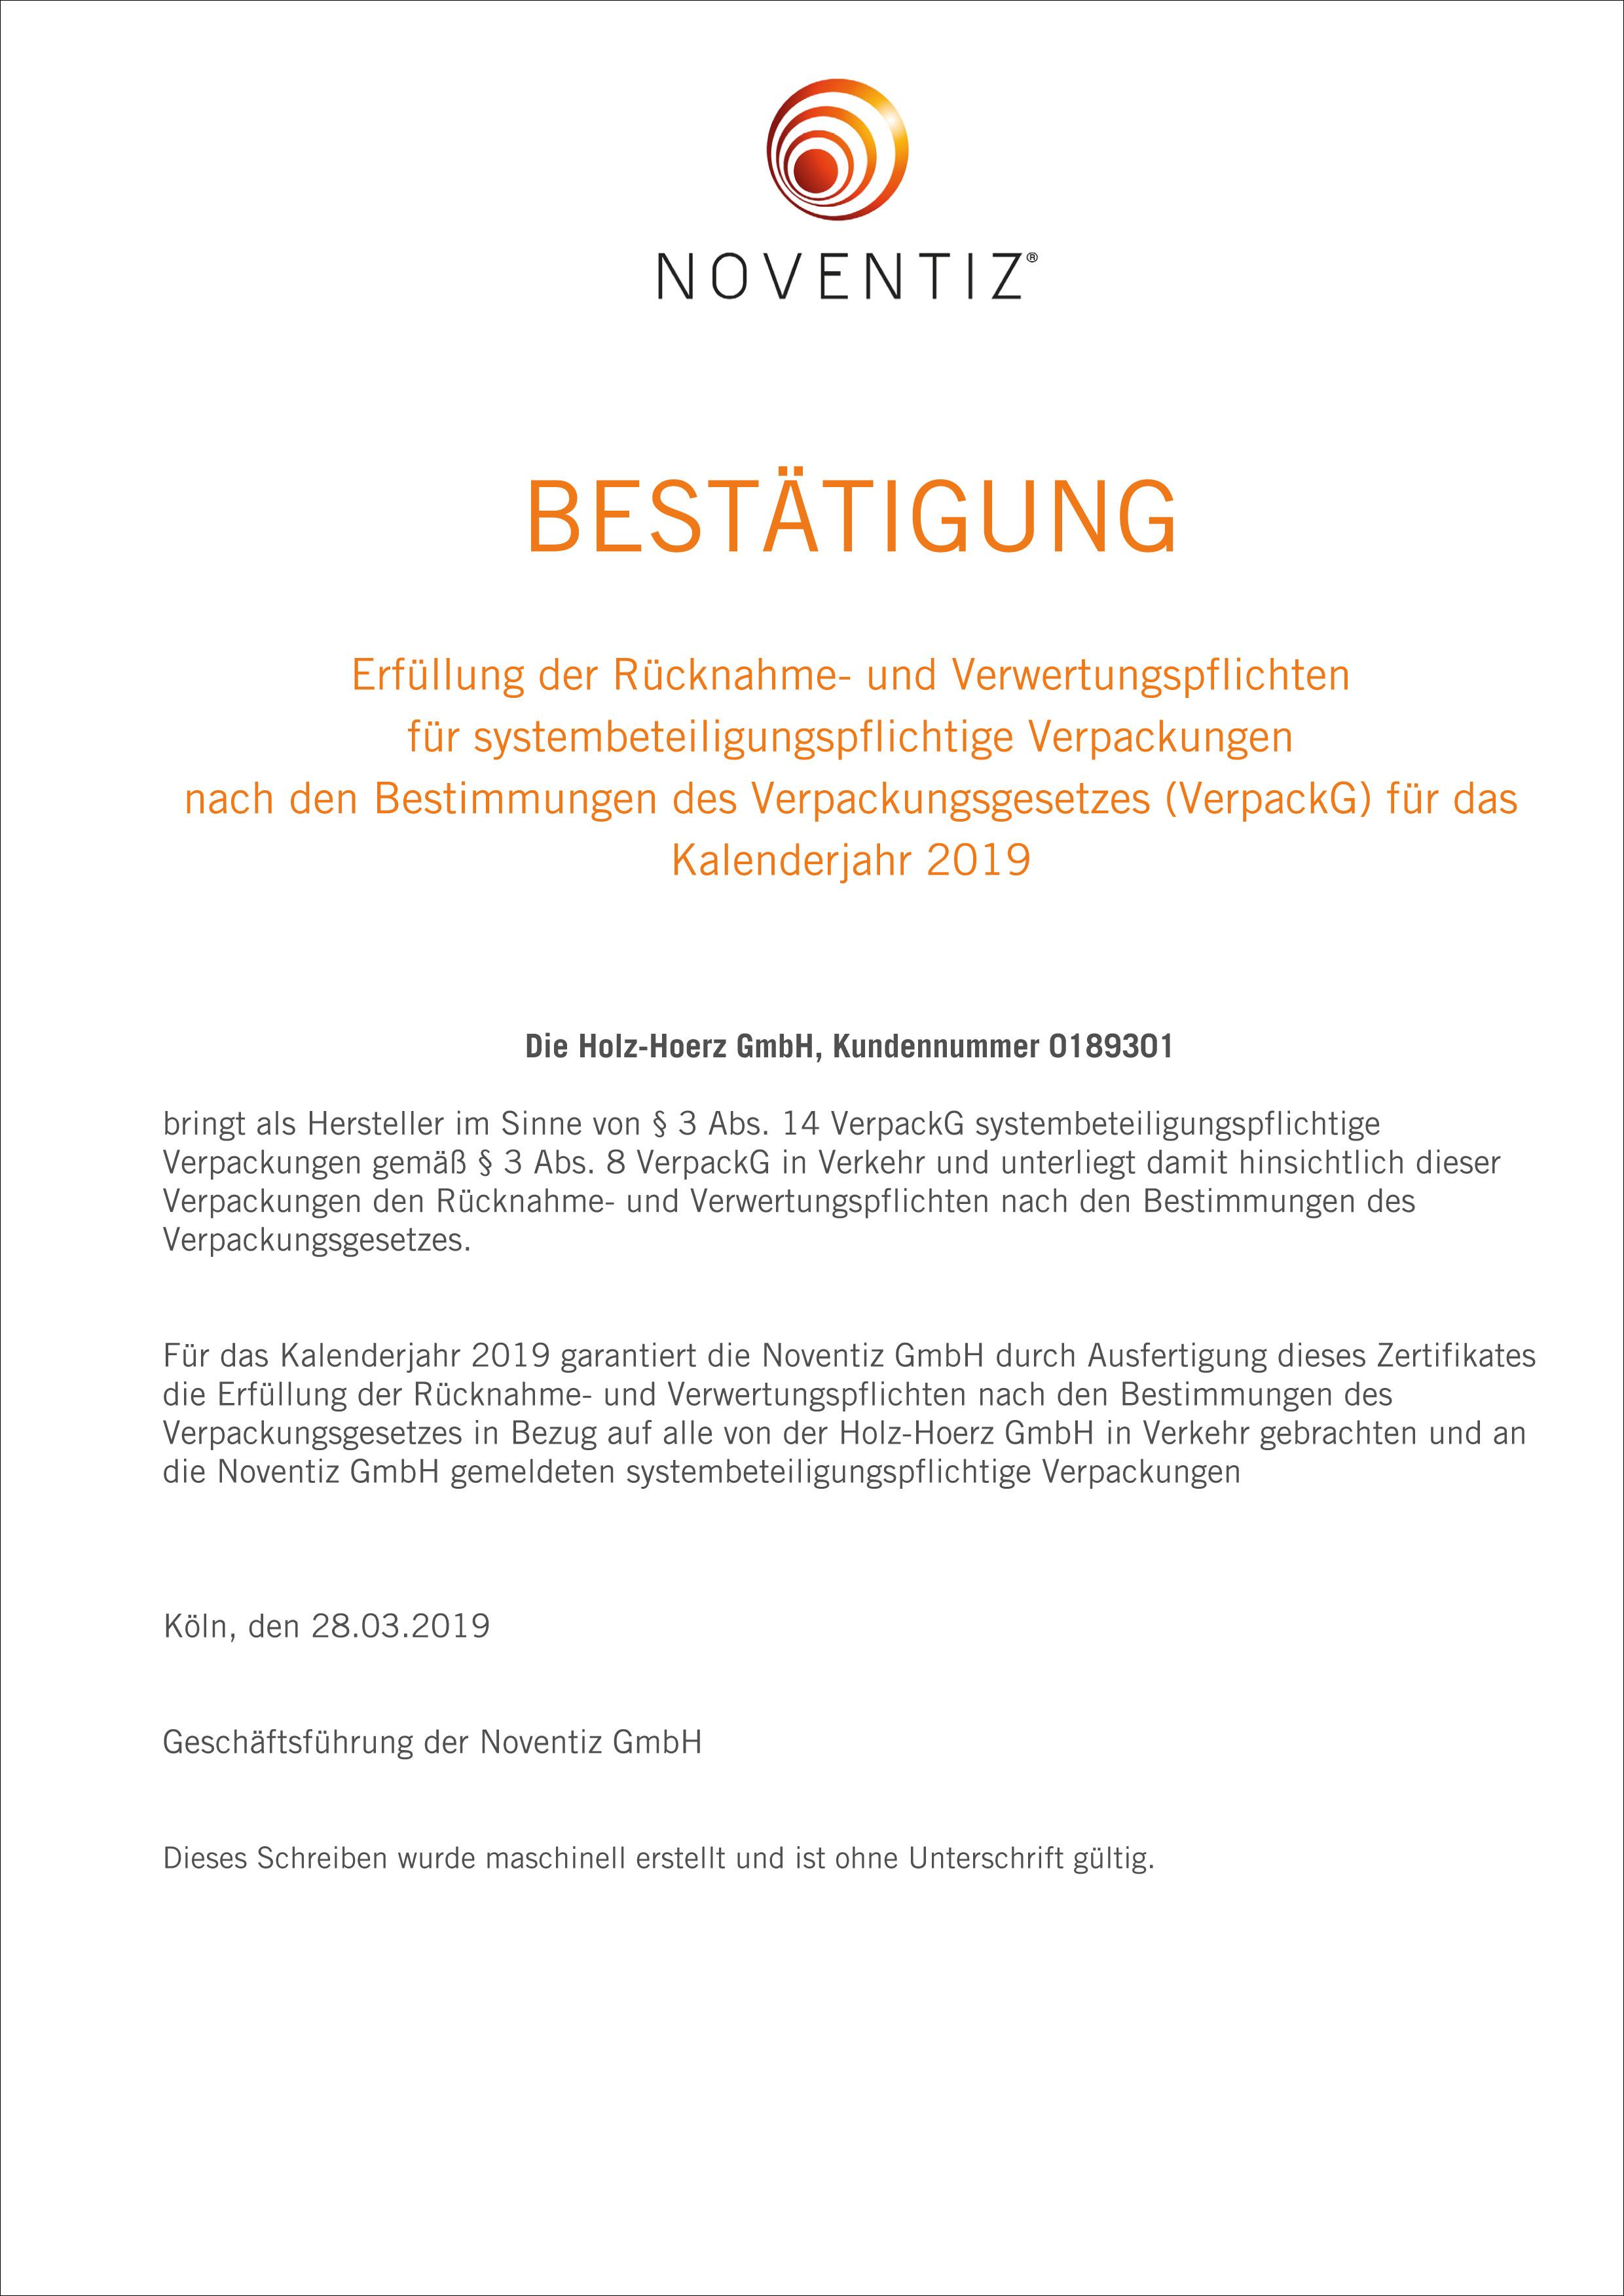 Bestaetigung-Verpackungsverordnung-Noventiz-2019